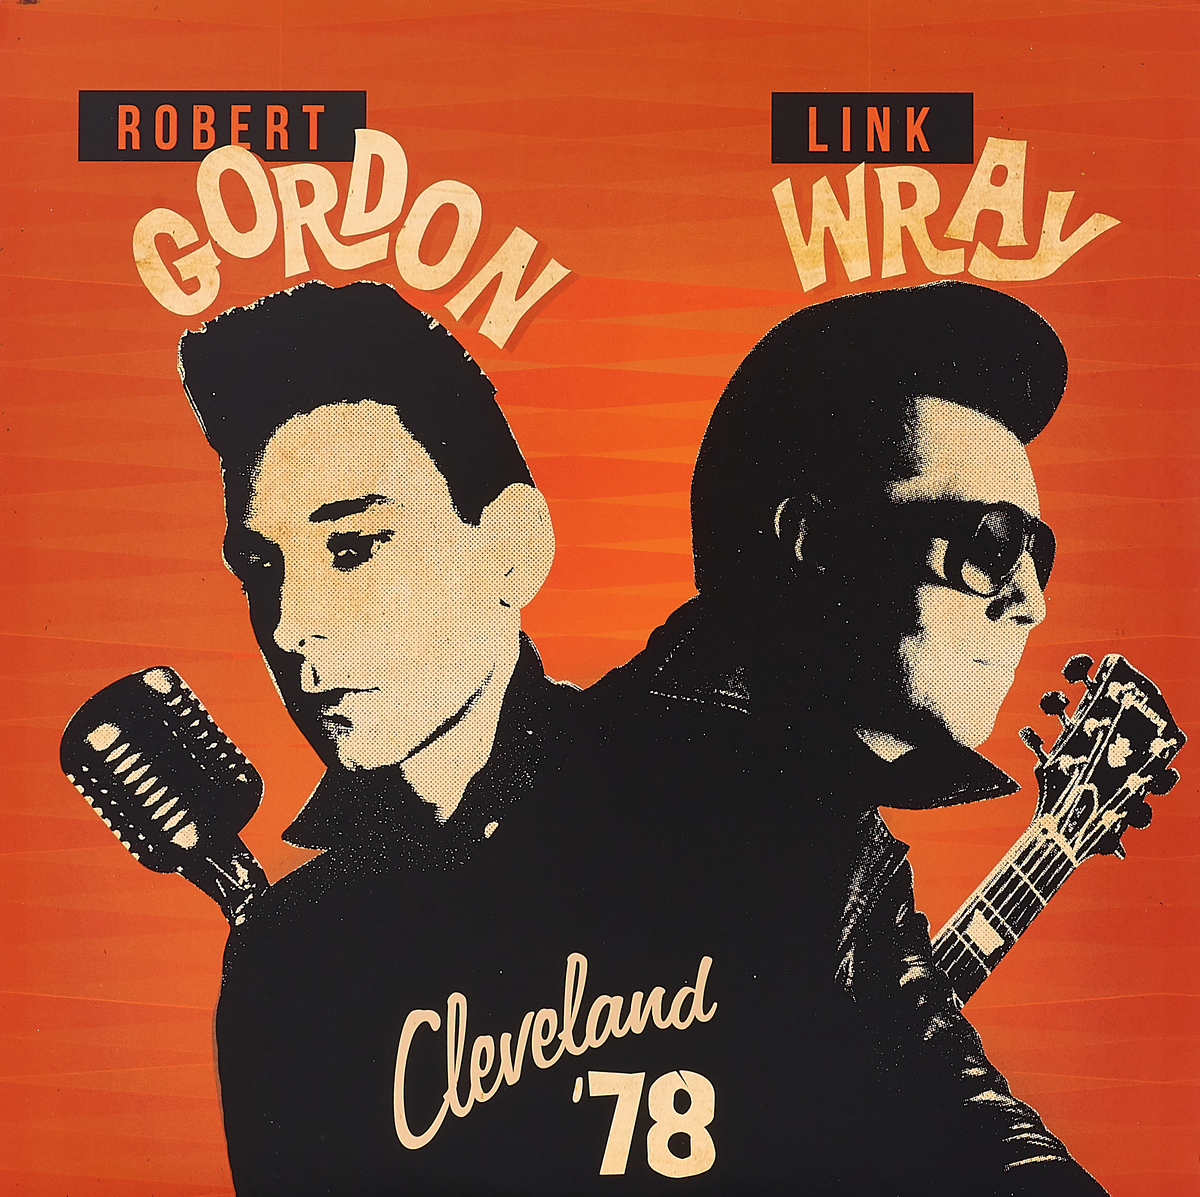 Роберт Гордон,Линк Рэй Robert Gordon & Link Wray. Cleveland '78 (LP) декстер гордон сонни кларк бутч уоррен билли хиггинс dexter gordon go lp